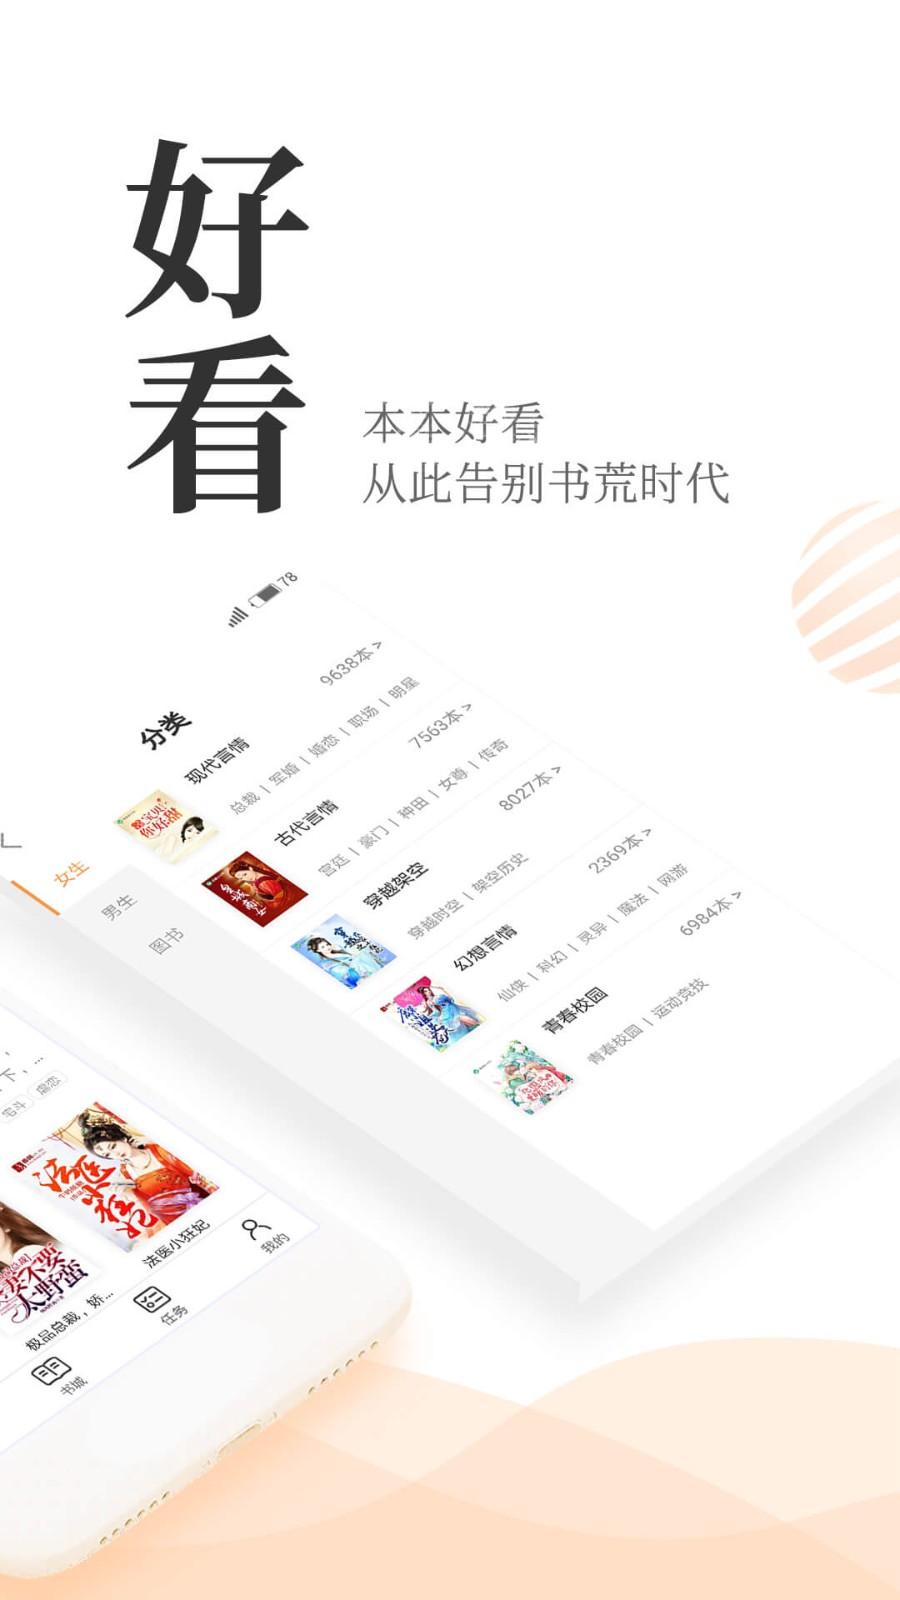 七猫小说免费版截图2